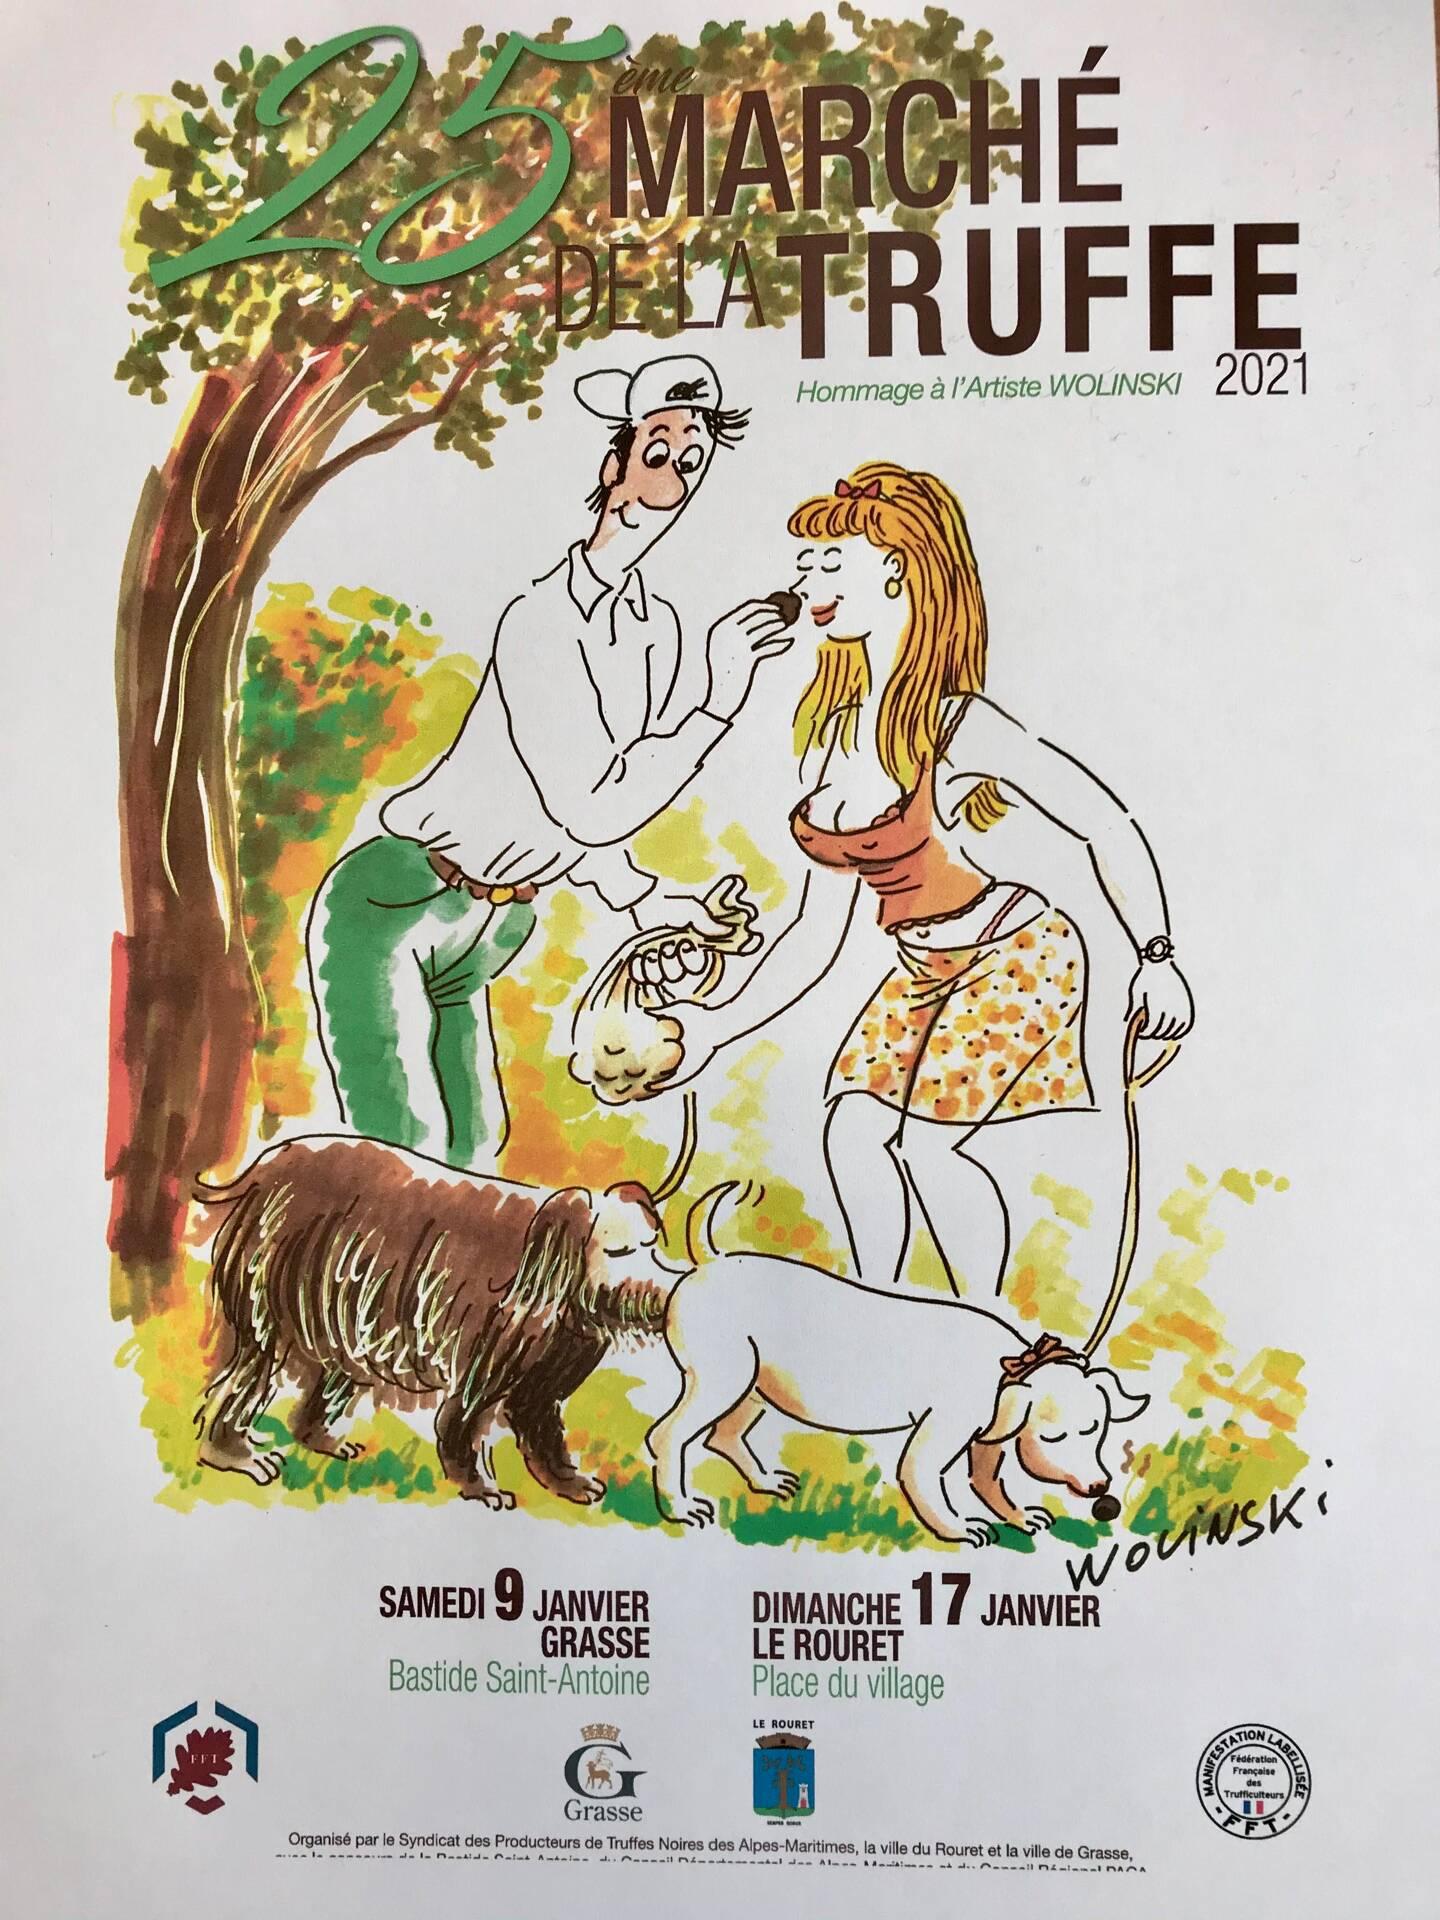 L'affiche signée Georges Wolinski : un humour coquin...